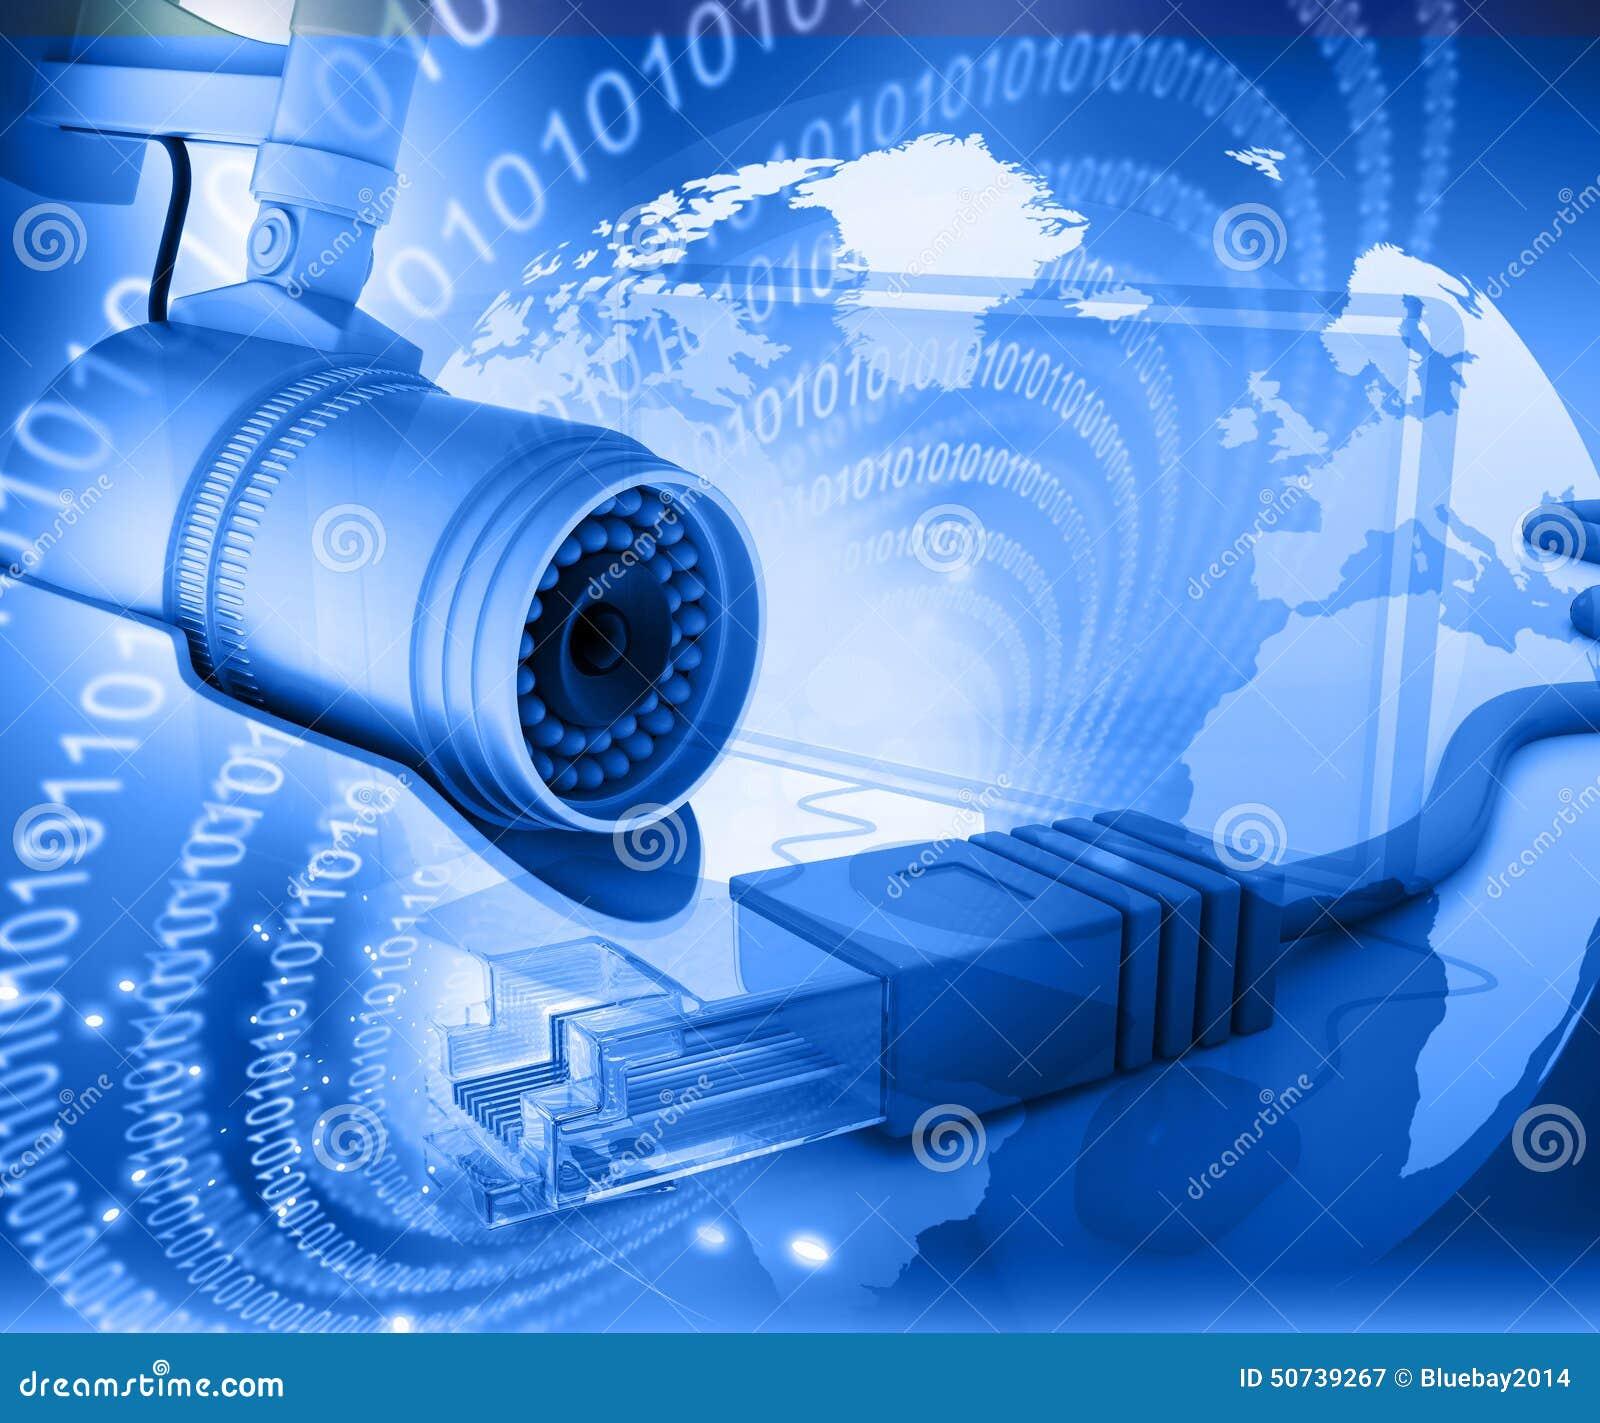 C mara de vigilancia con el mundo digital imagen de - Camaras de vigilancia con grabacion ...